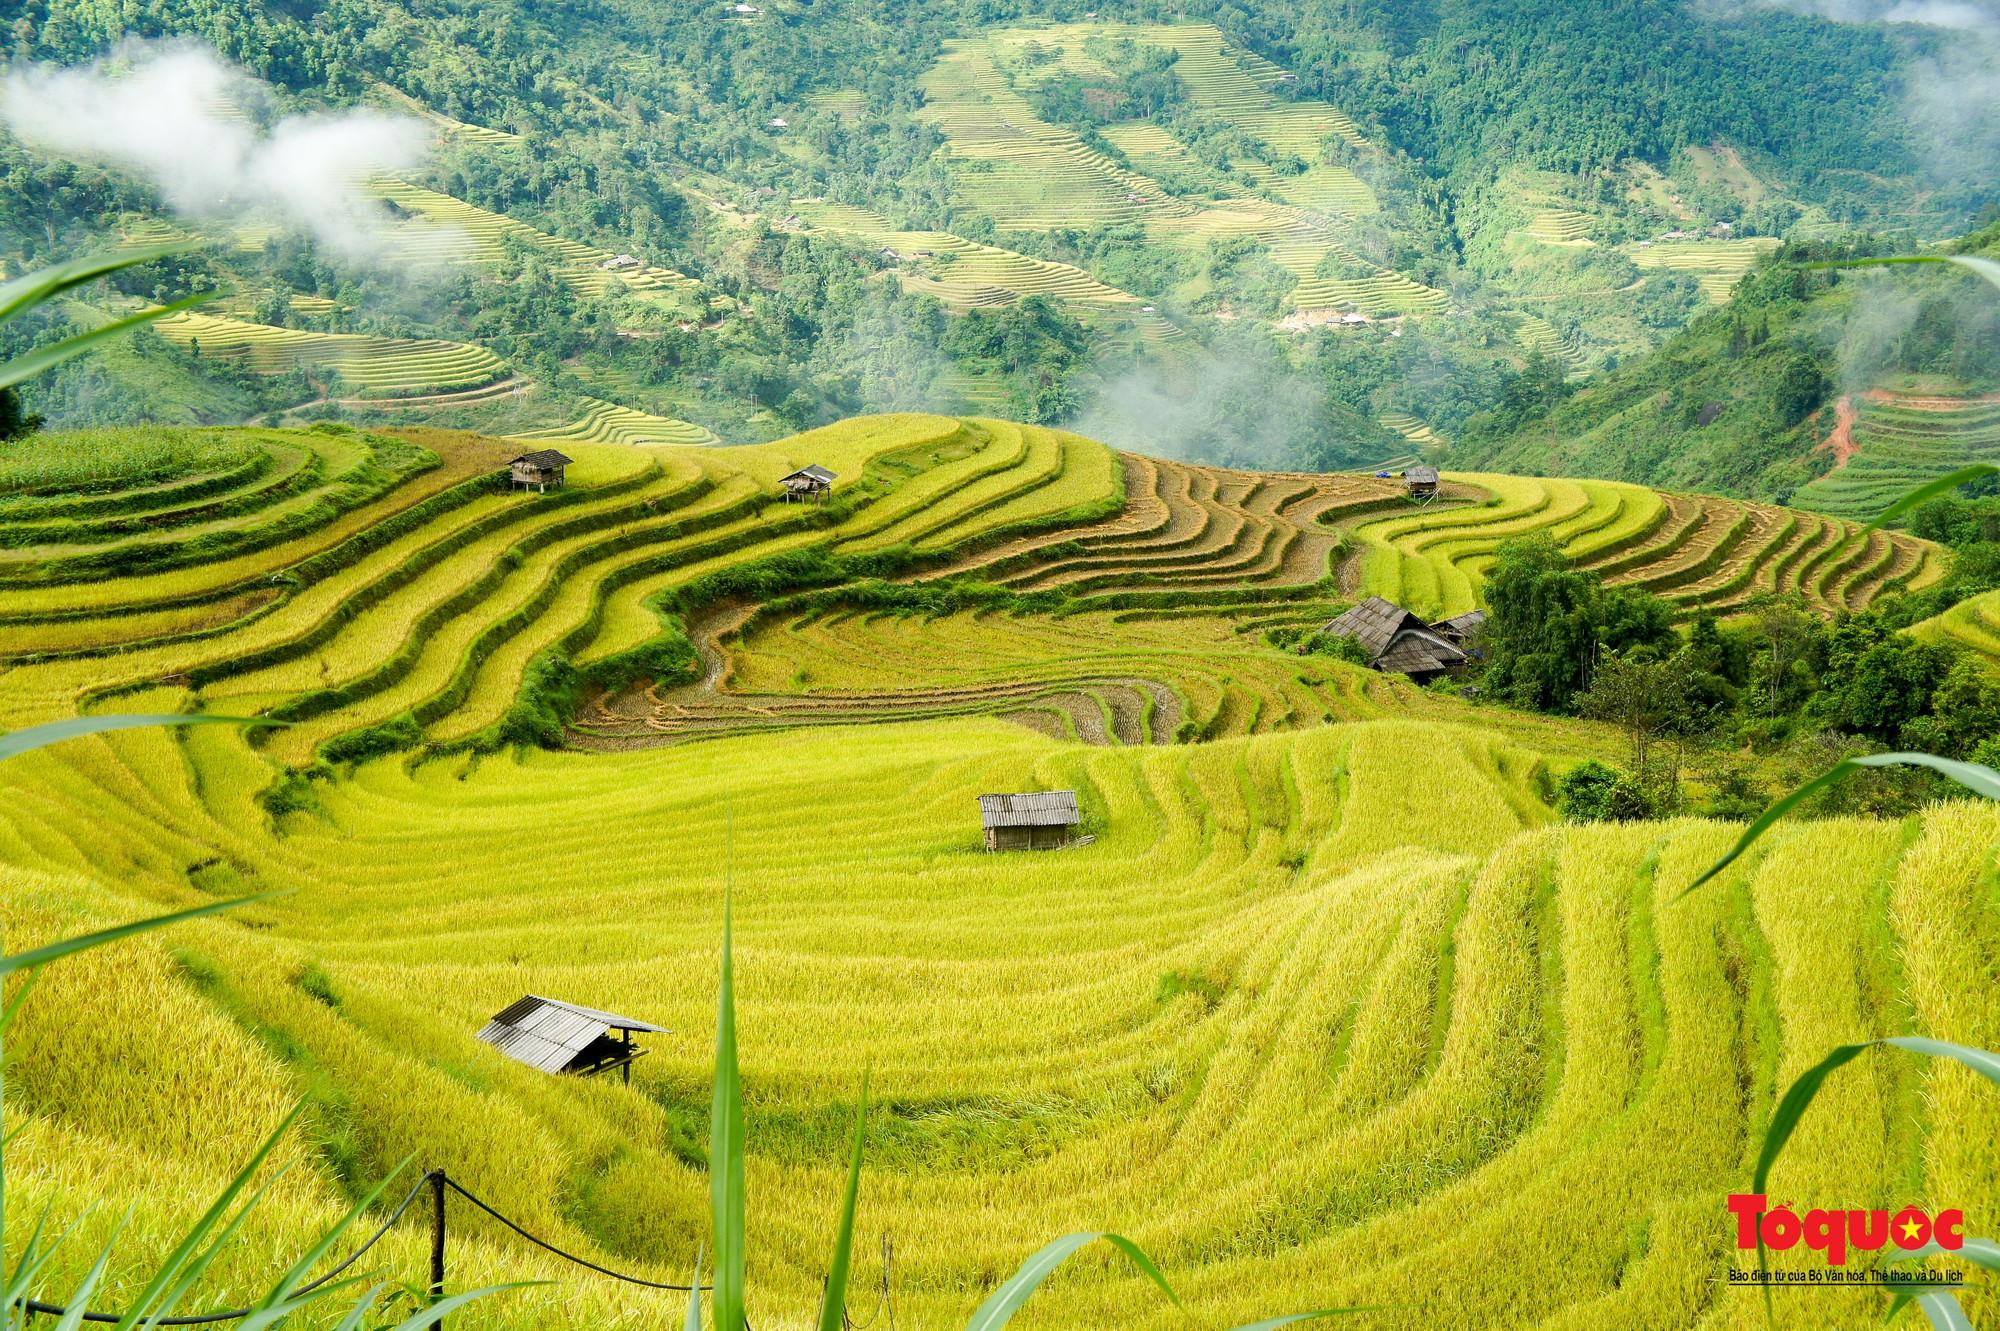 Chiêm ngưỡng vẻ đẹp ngỡ ngàng mùa lúa chín vàng của Hoàng Su Phì  - Ảnh 1.